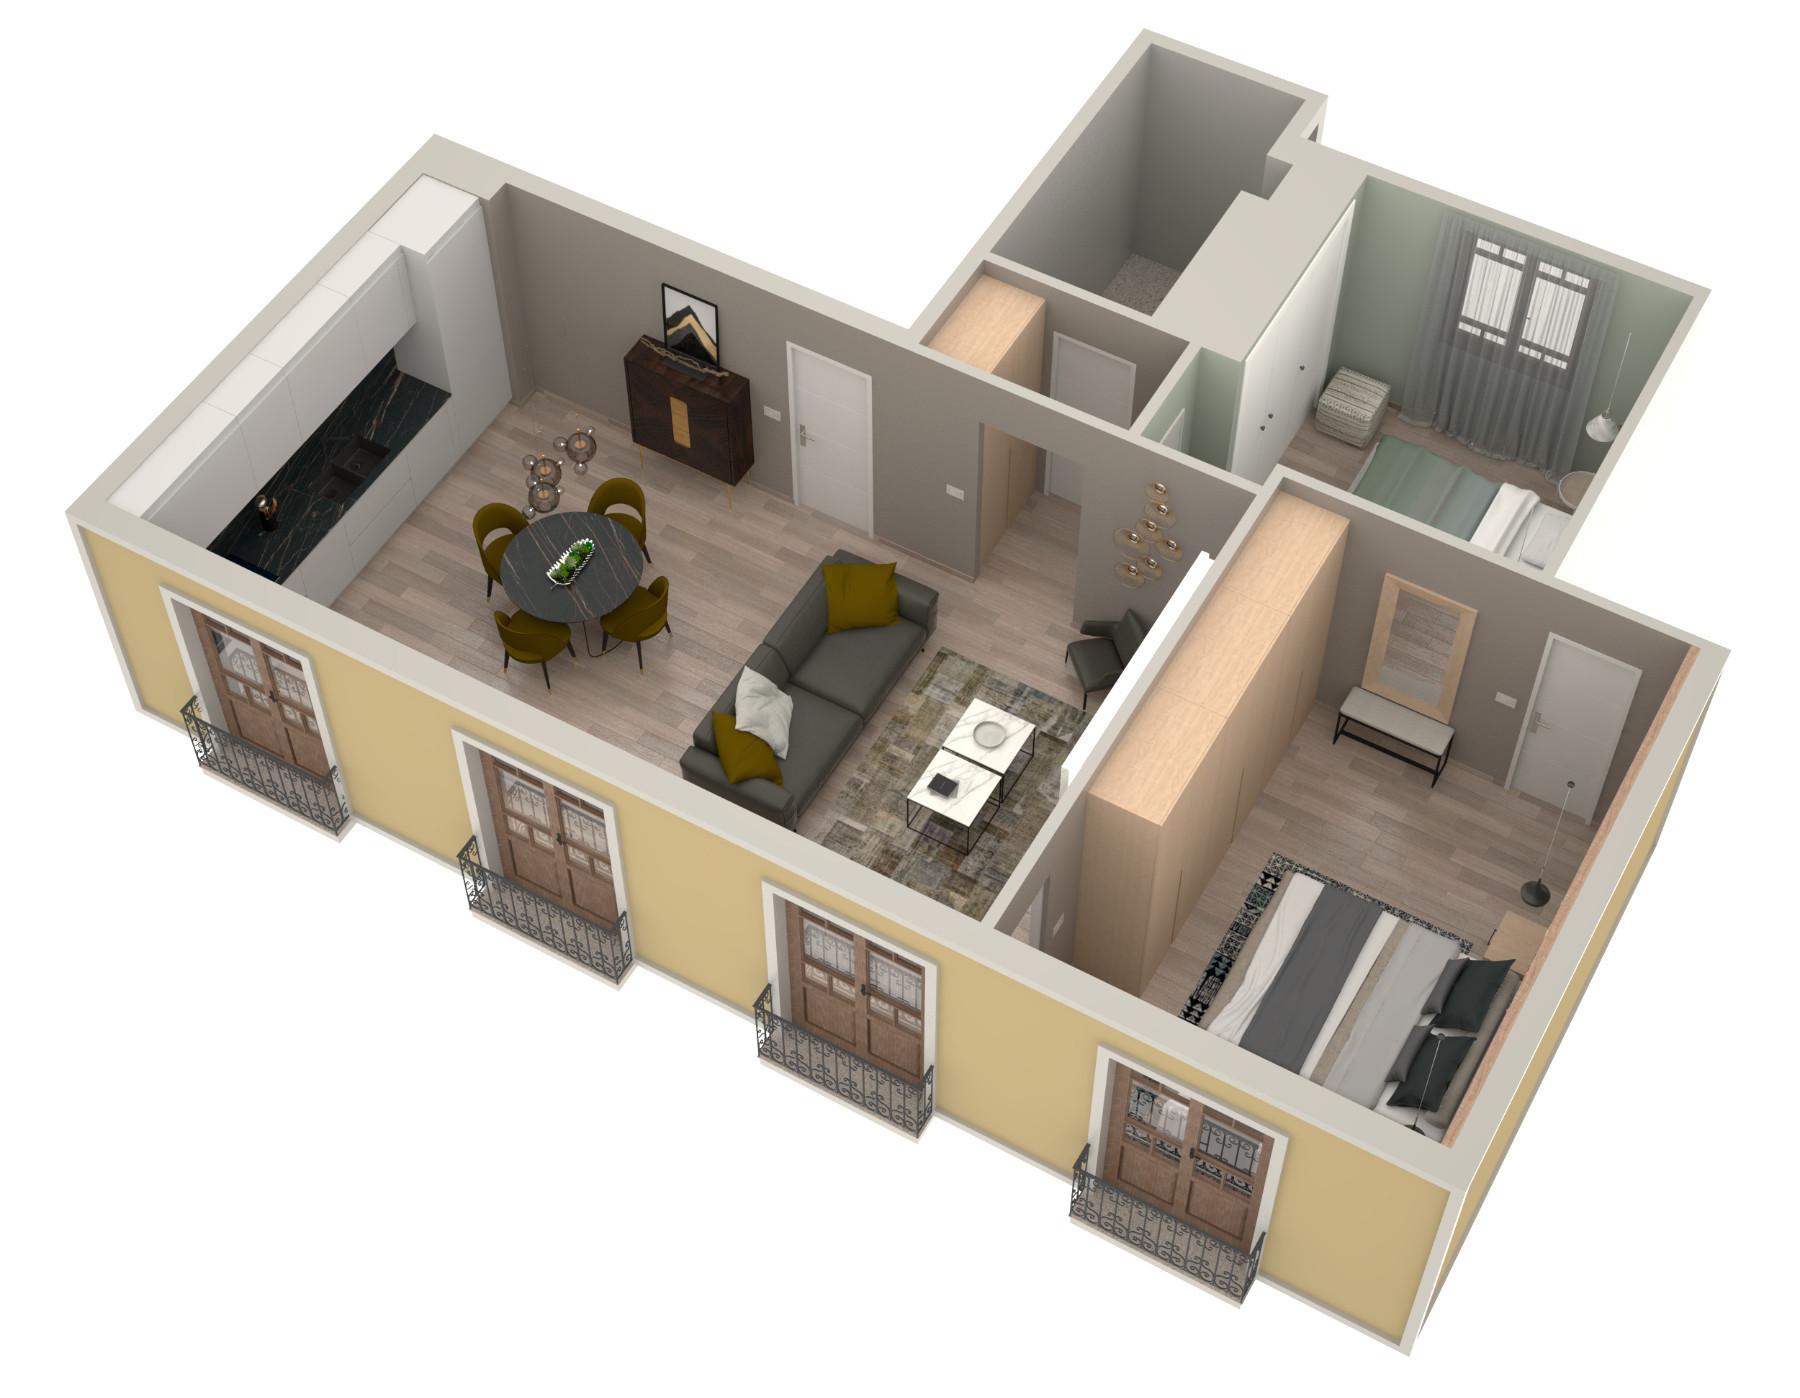 proyectos-interiorismo-interioristas-reformistas-reformas-viviendas-casas-pisos-chalets-particulares-sevilla-5